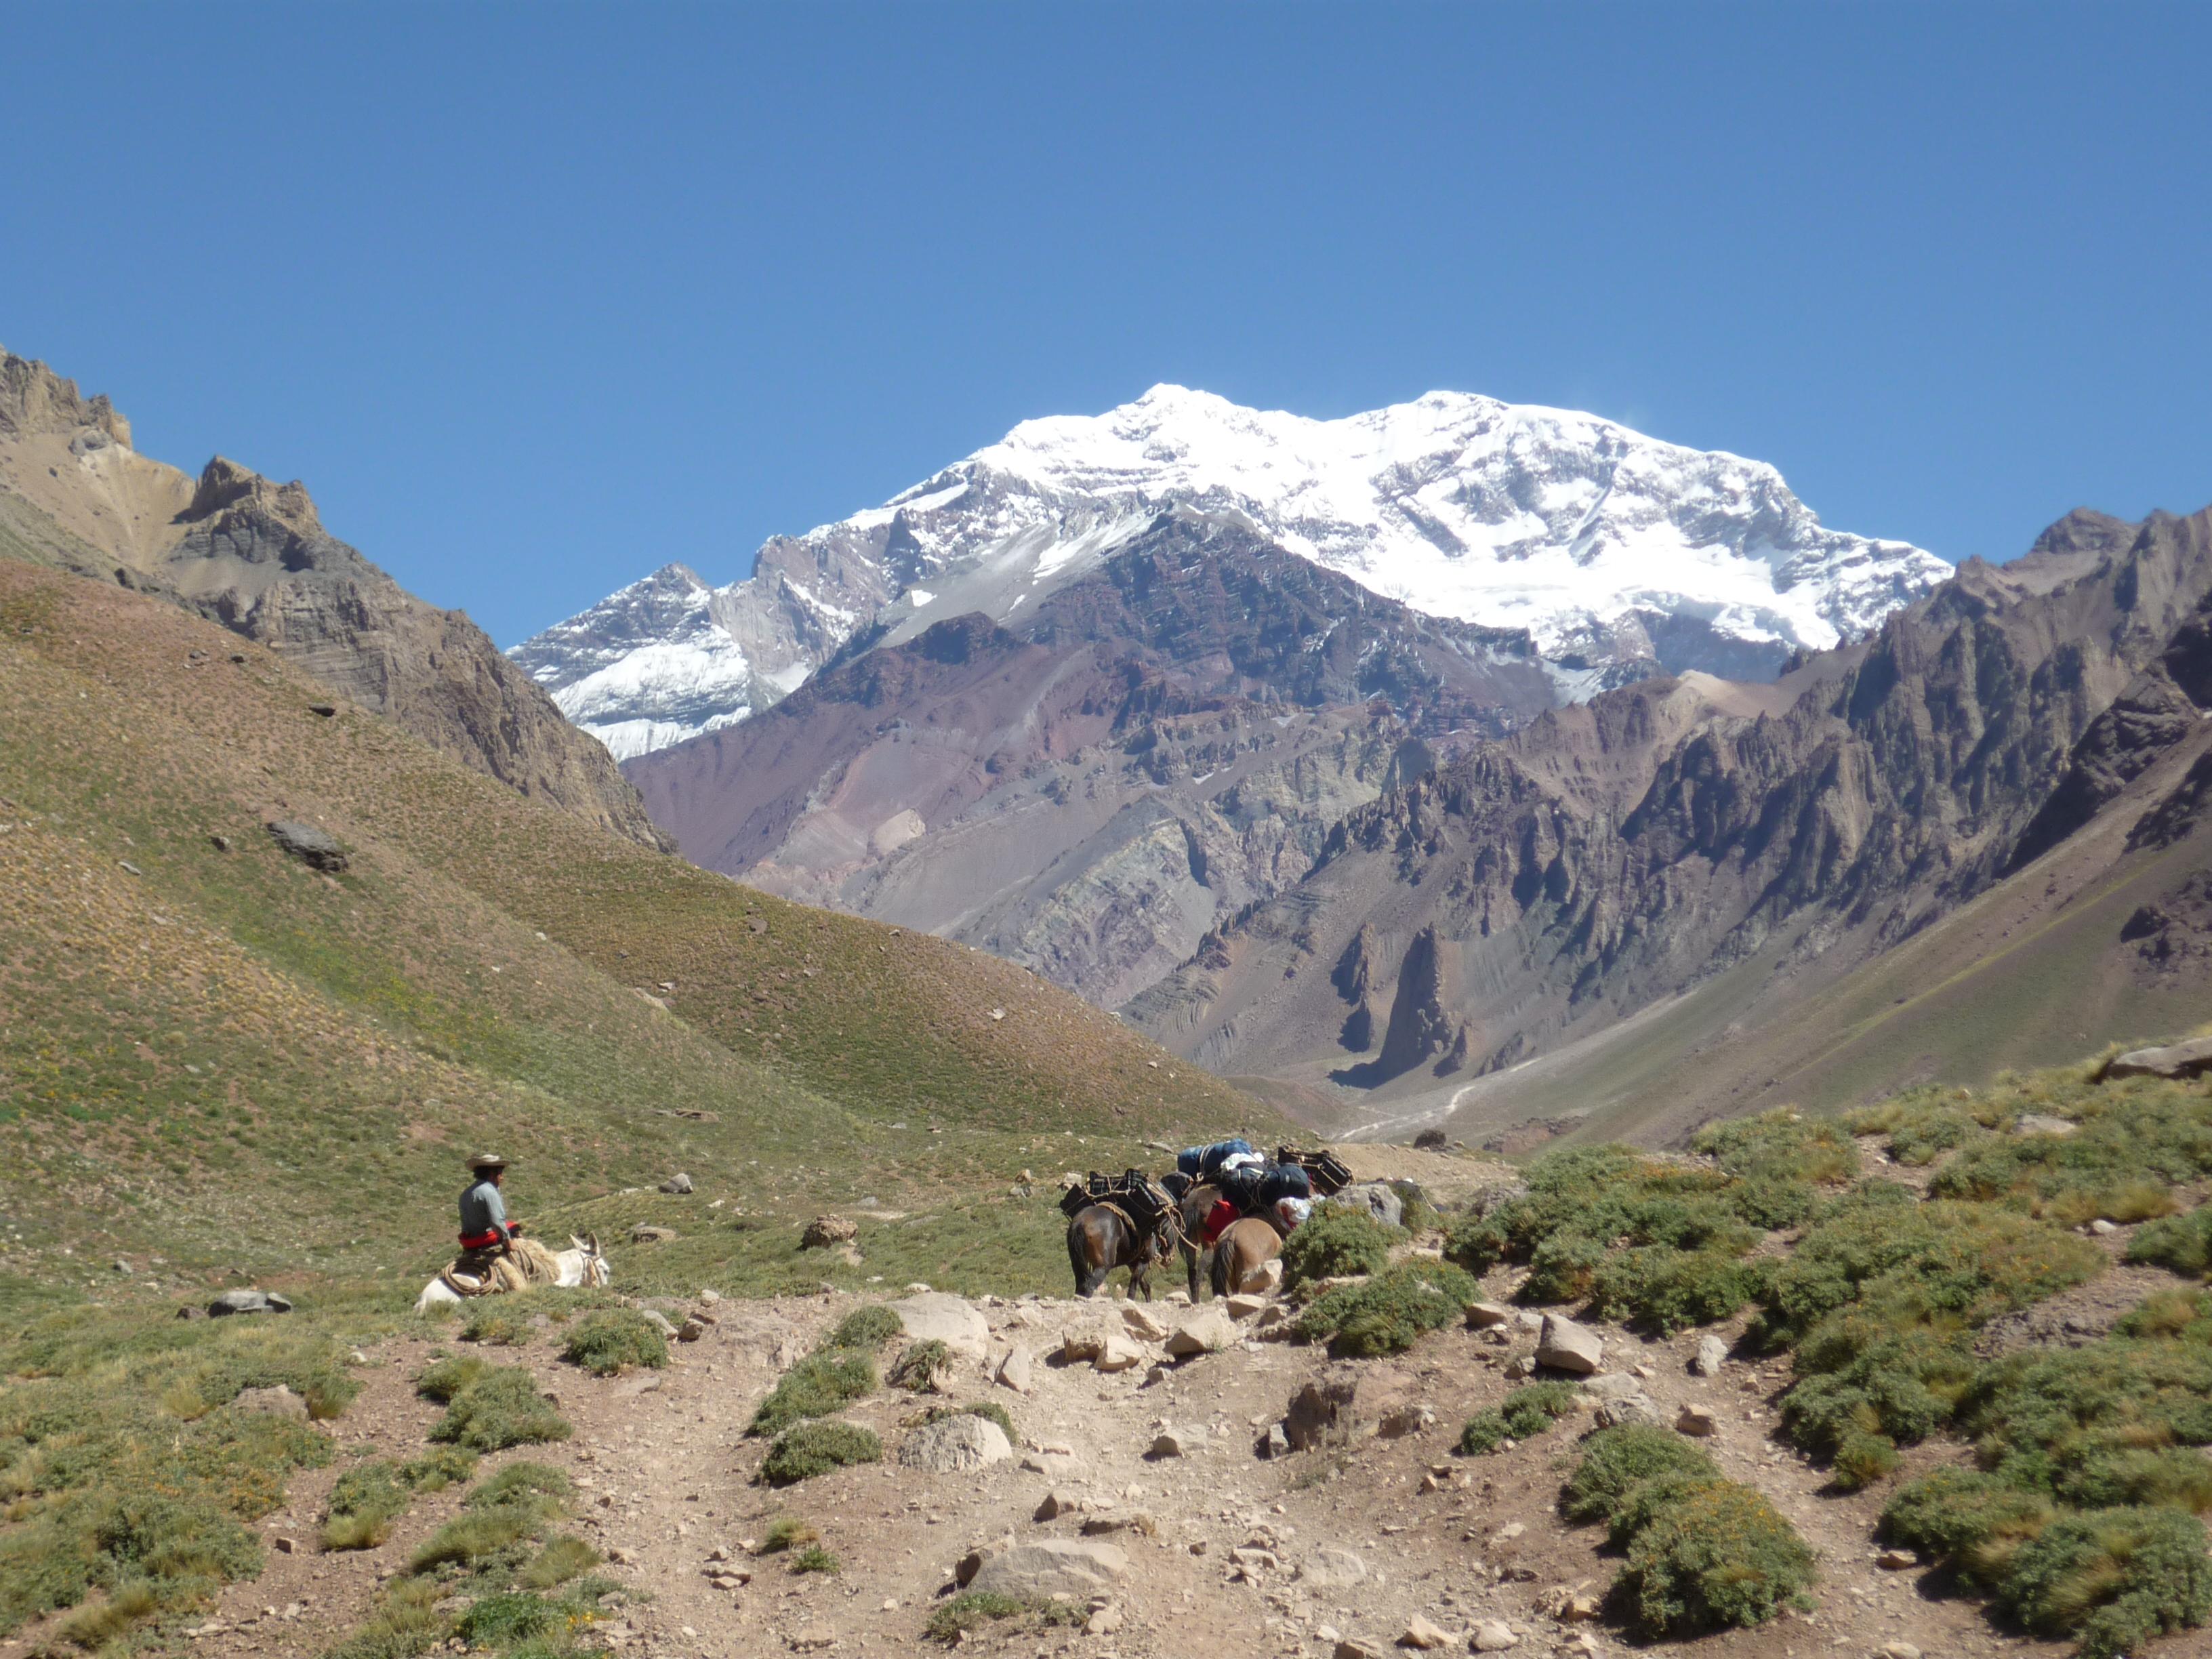 アルゼンチン/アコンカグア(6,962m)登頂22日間